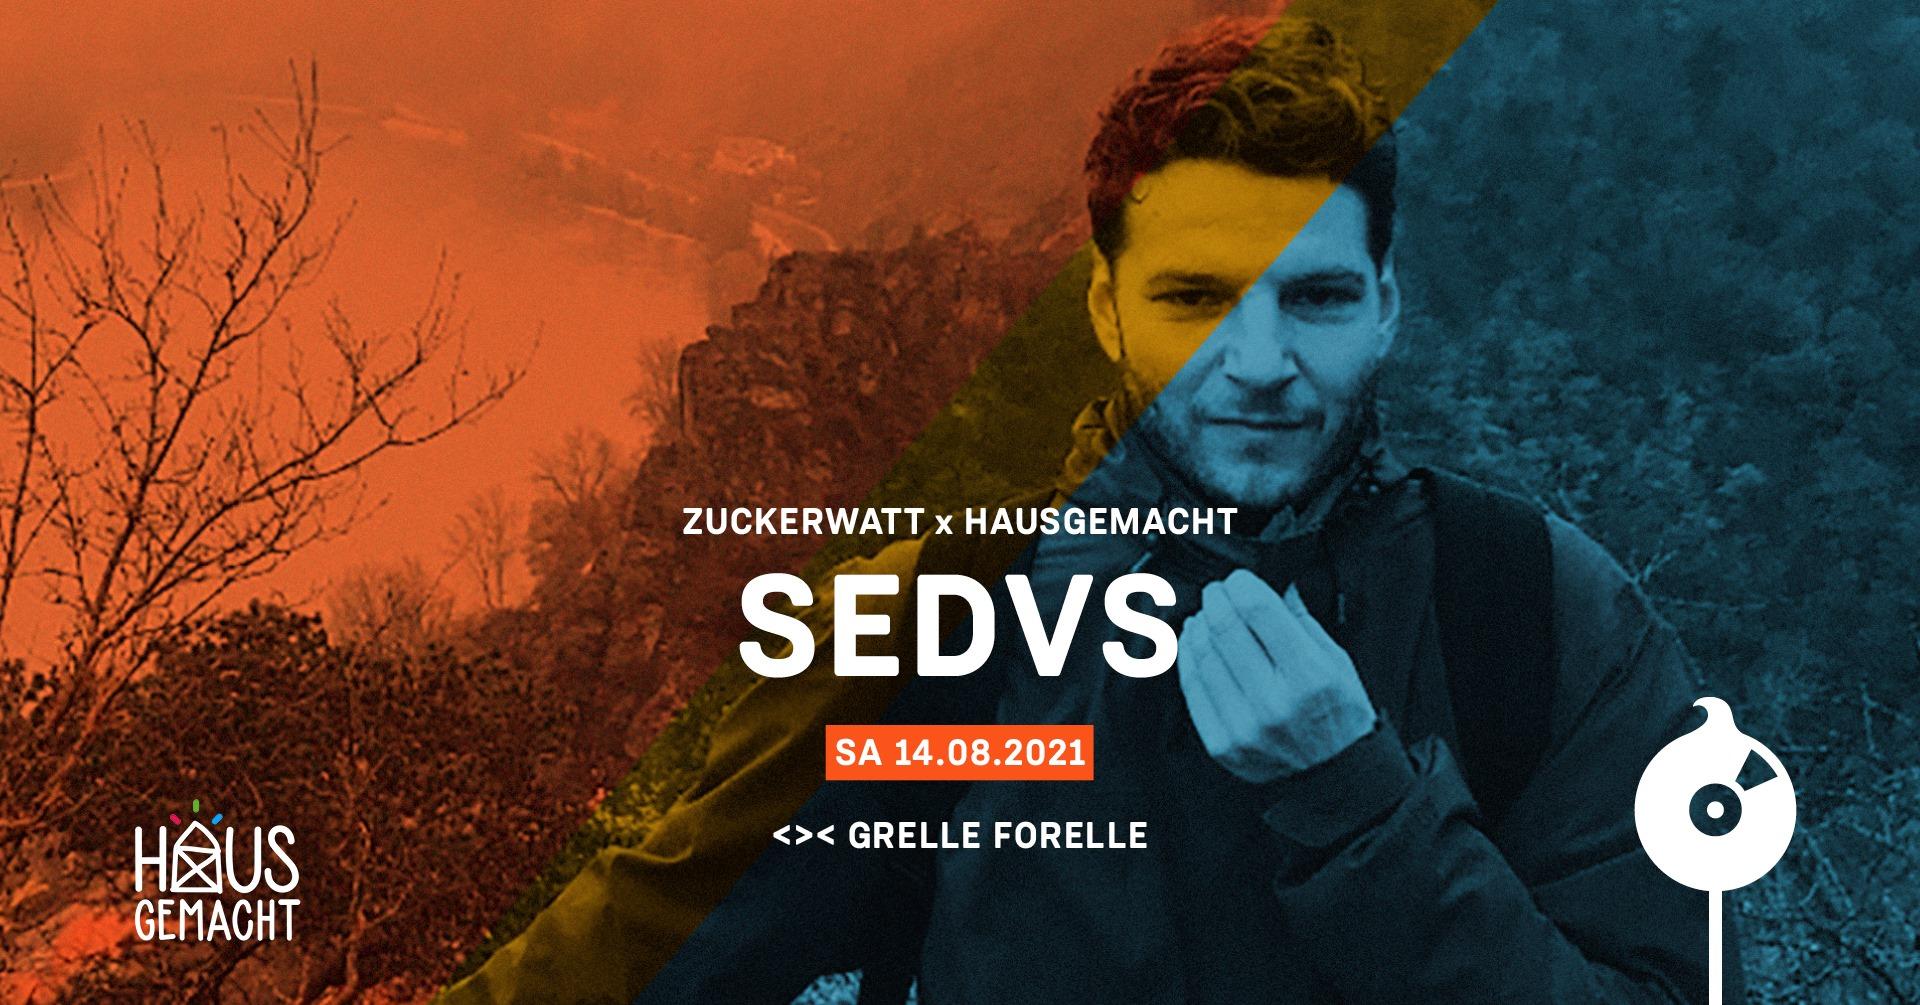 Events Wien: ZUCKERWATT x HAUSGEMACHT w/ SEDVS | Grelle Forelle